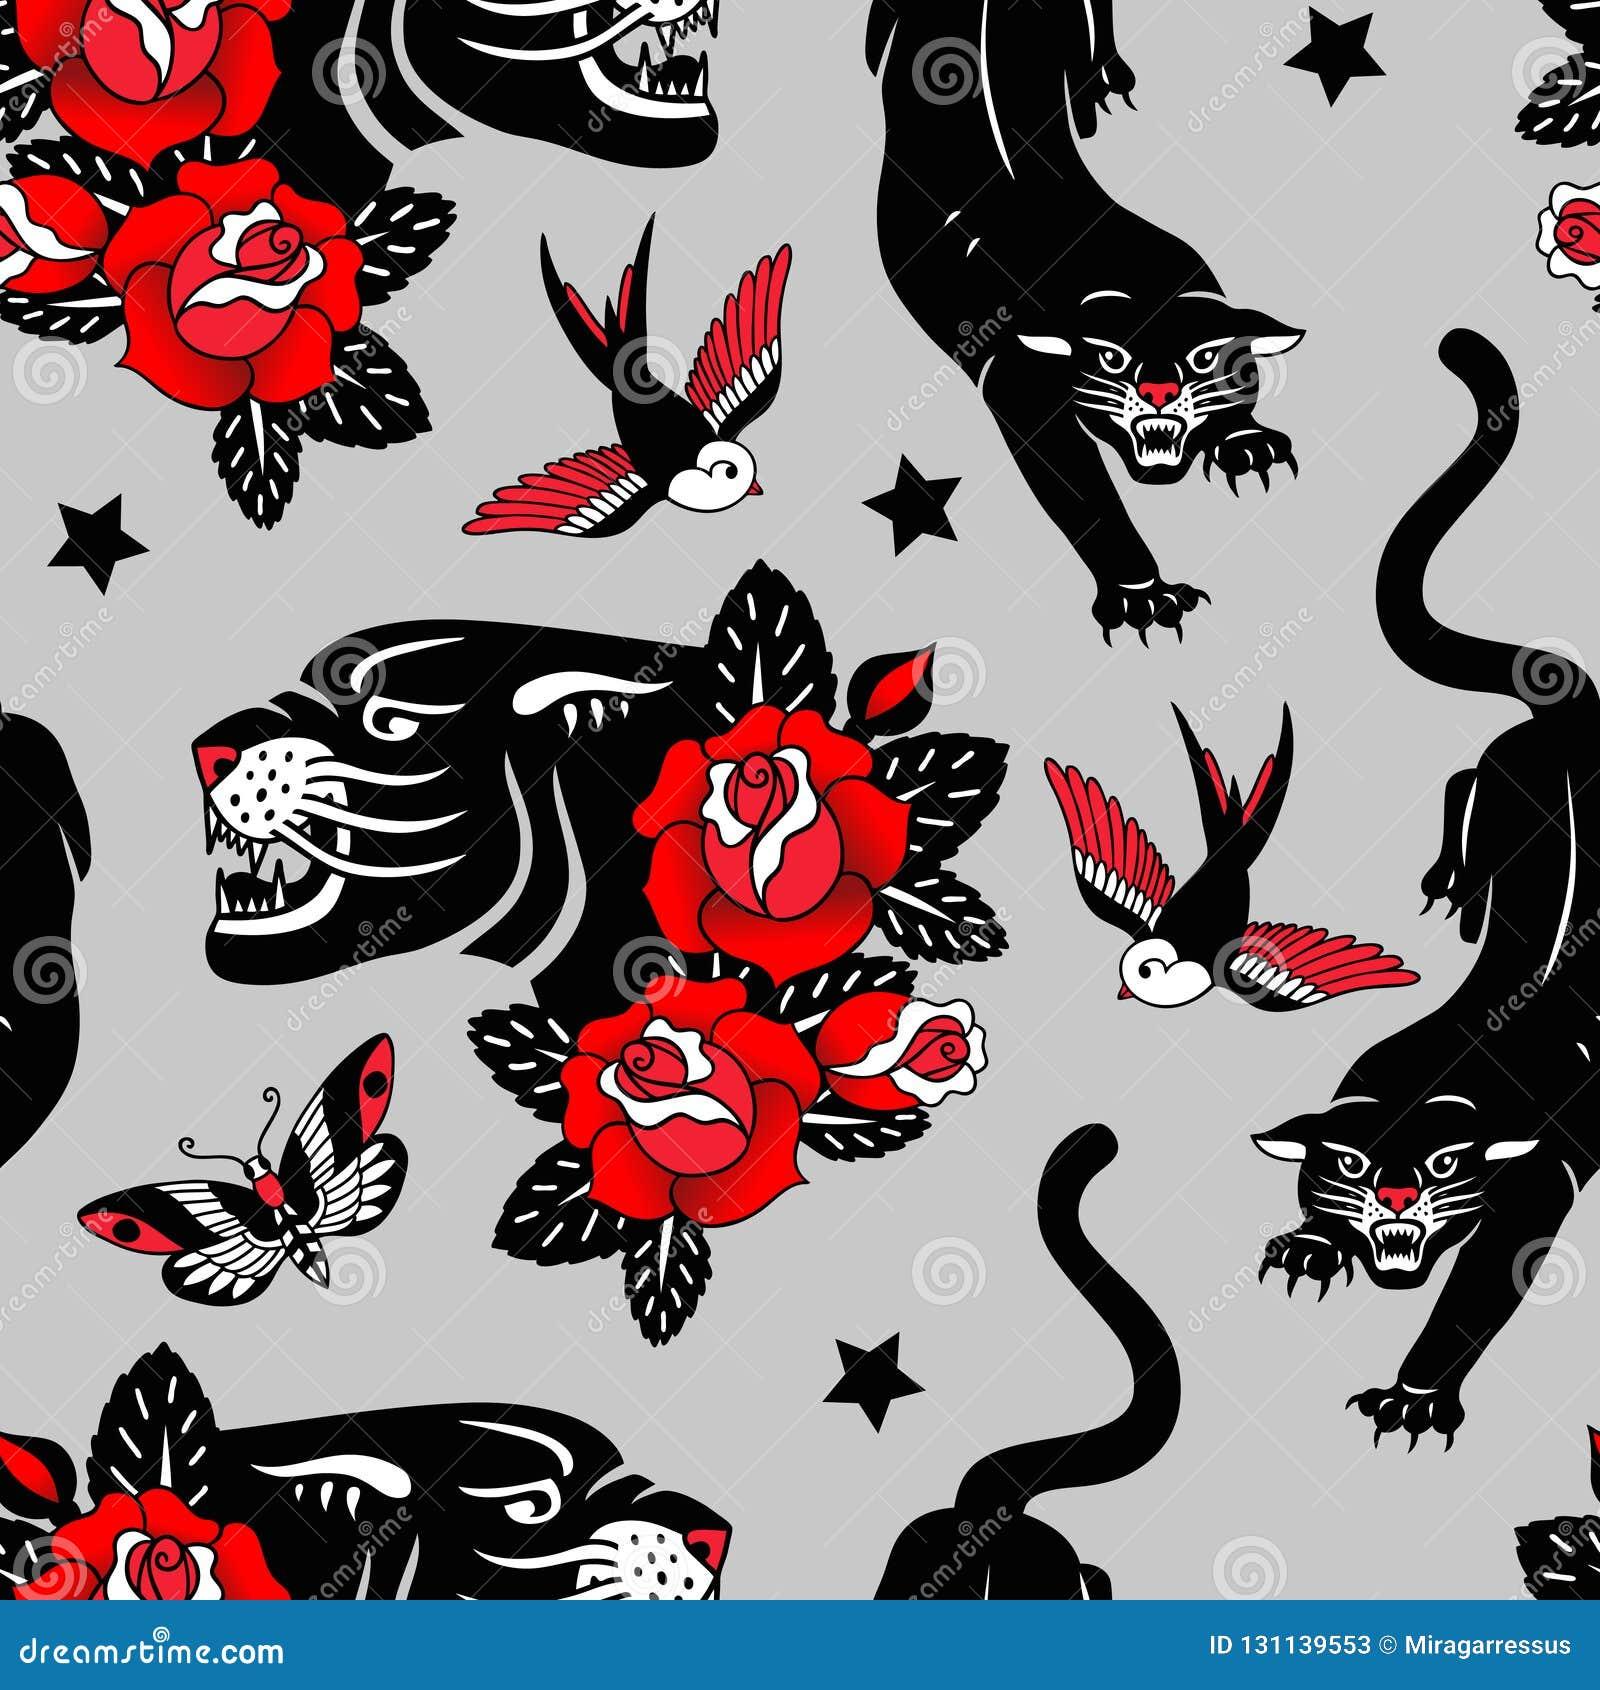 Nahtloses Vektormuster mit Tätowierungsrosen, schwarzen Panthern, Vögeln und Schmetterlingen auf grauem Hintergrund